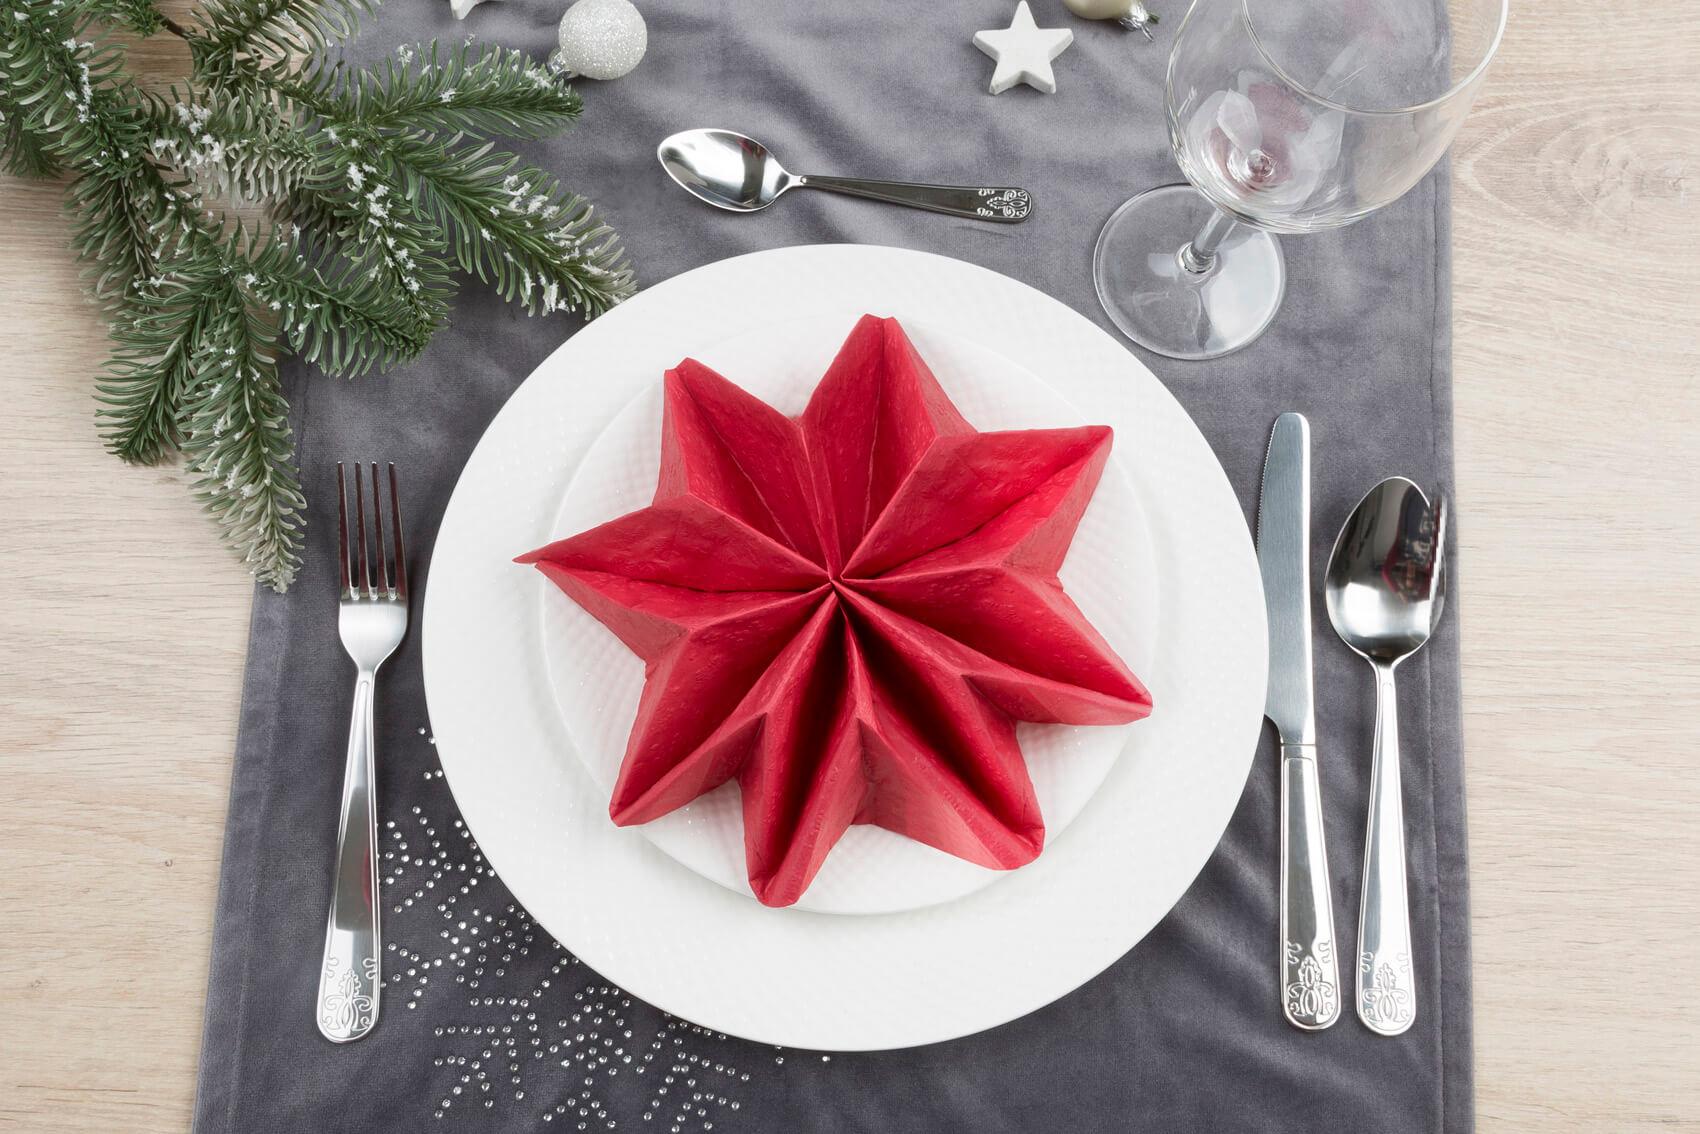 Jak złożyć serwetki świąteczne?